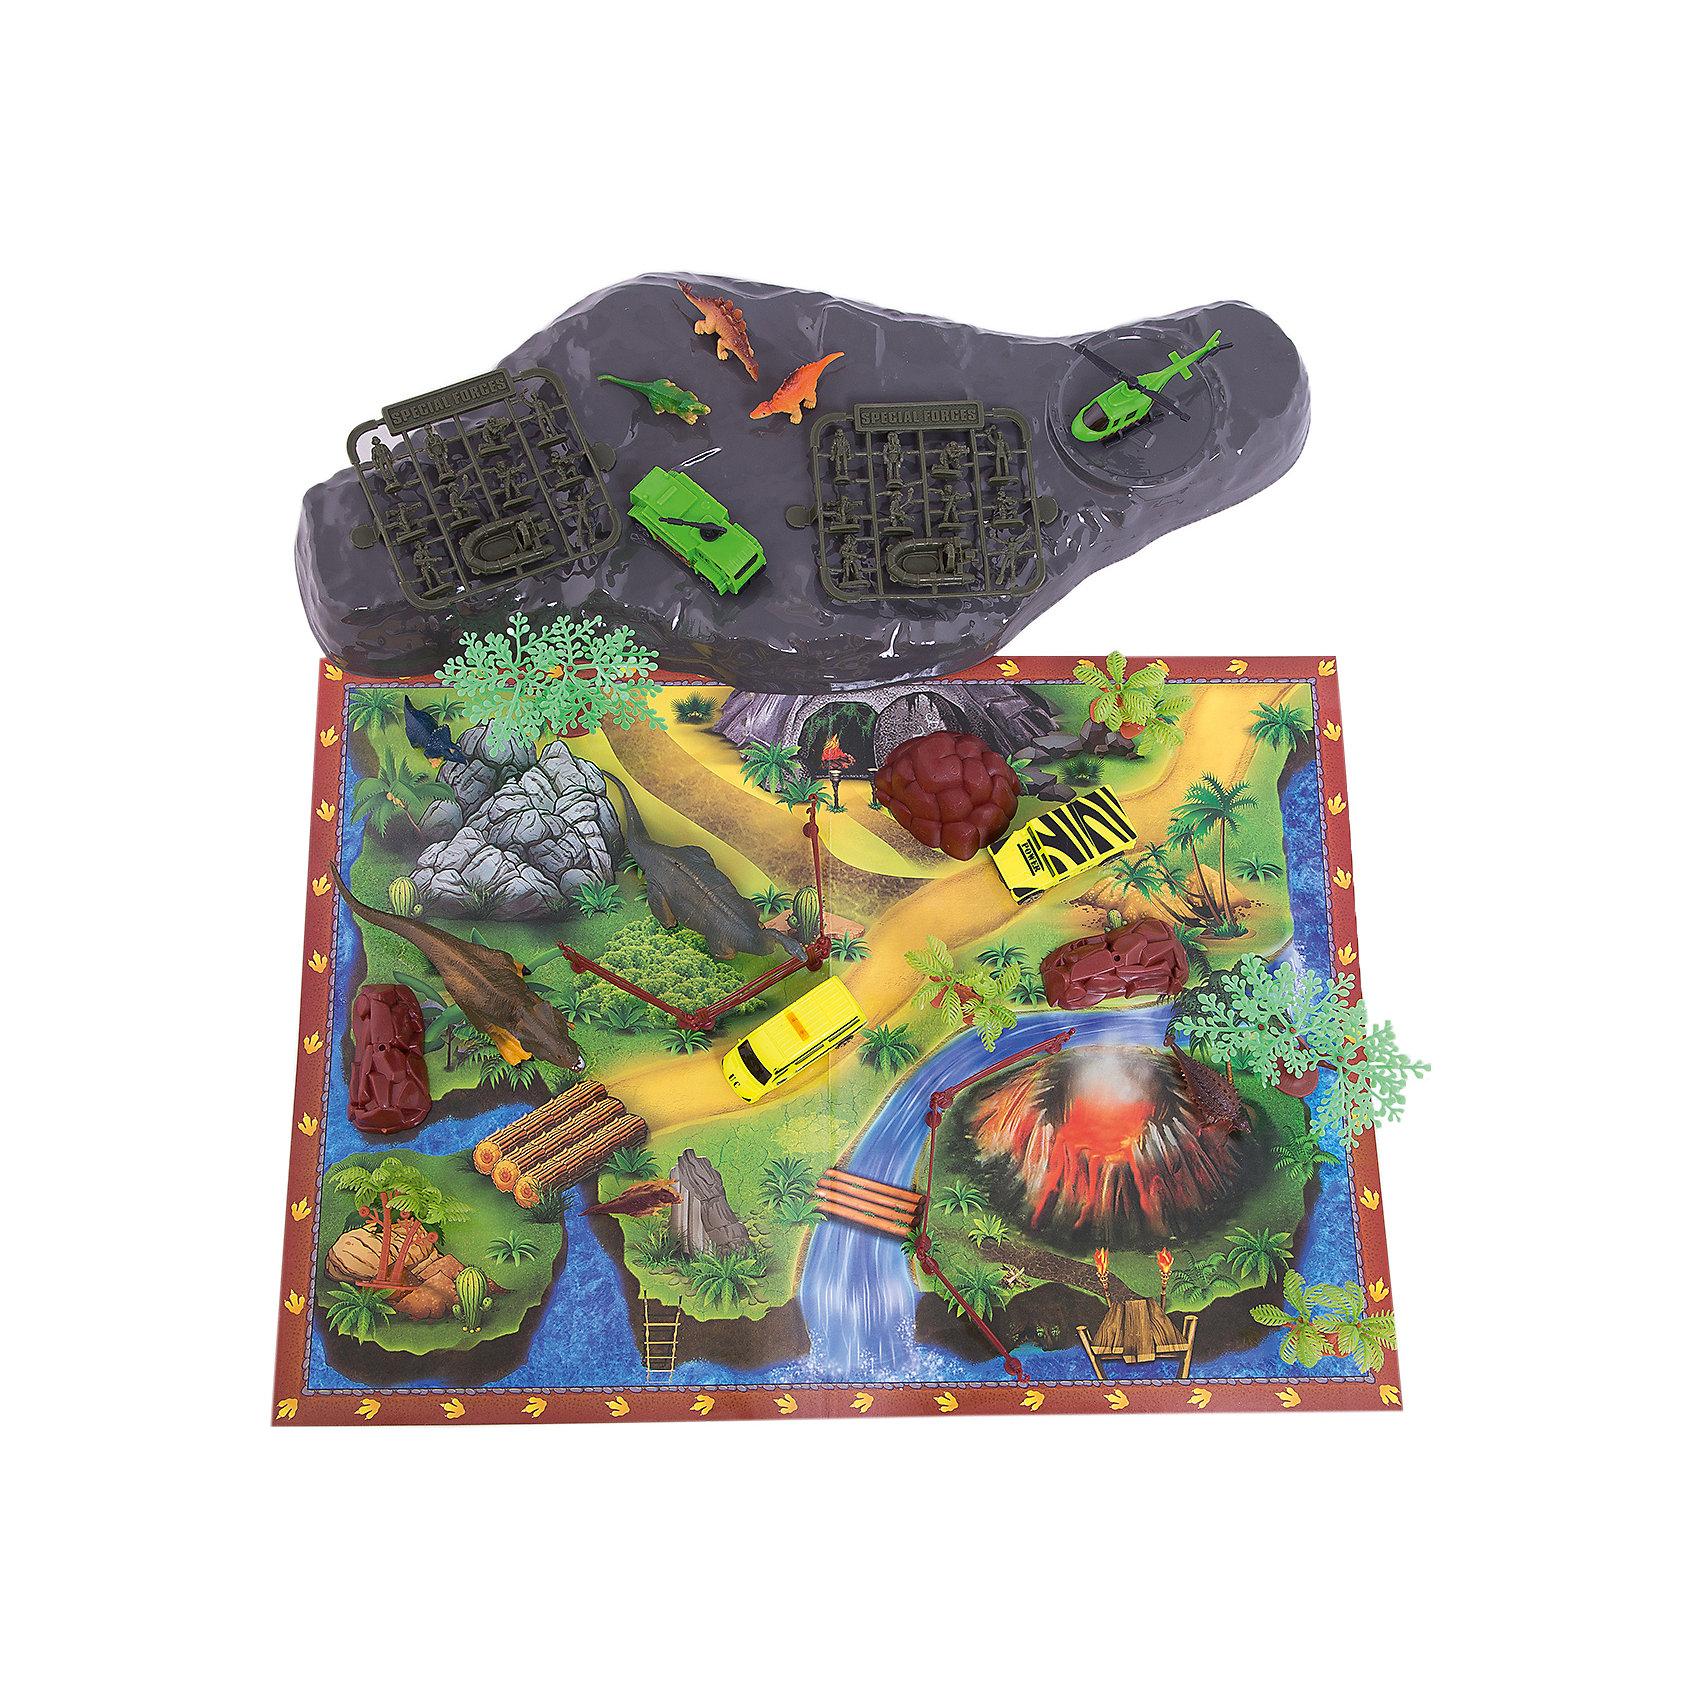 Игровой конструктор Парк динозавров, Kribly Boo51 элемент<br><br>Ширина мм: 230<br>Глубина мм: 10<br>Высота мм: 180<br>Вес г: 21<br>Возраст от месяцев: 60<br>Возраст до месяцев: 120<br>Пол: Унисекс<br>Возраст: Детский<br>SKU: 5059069